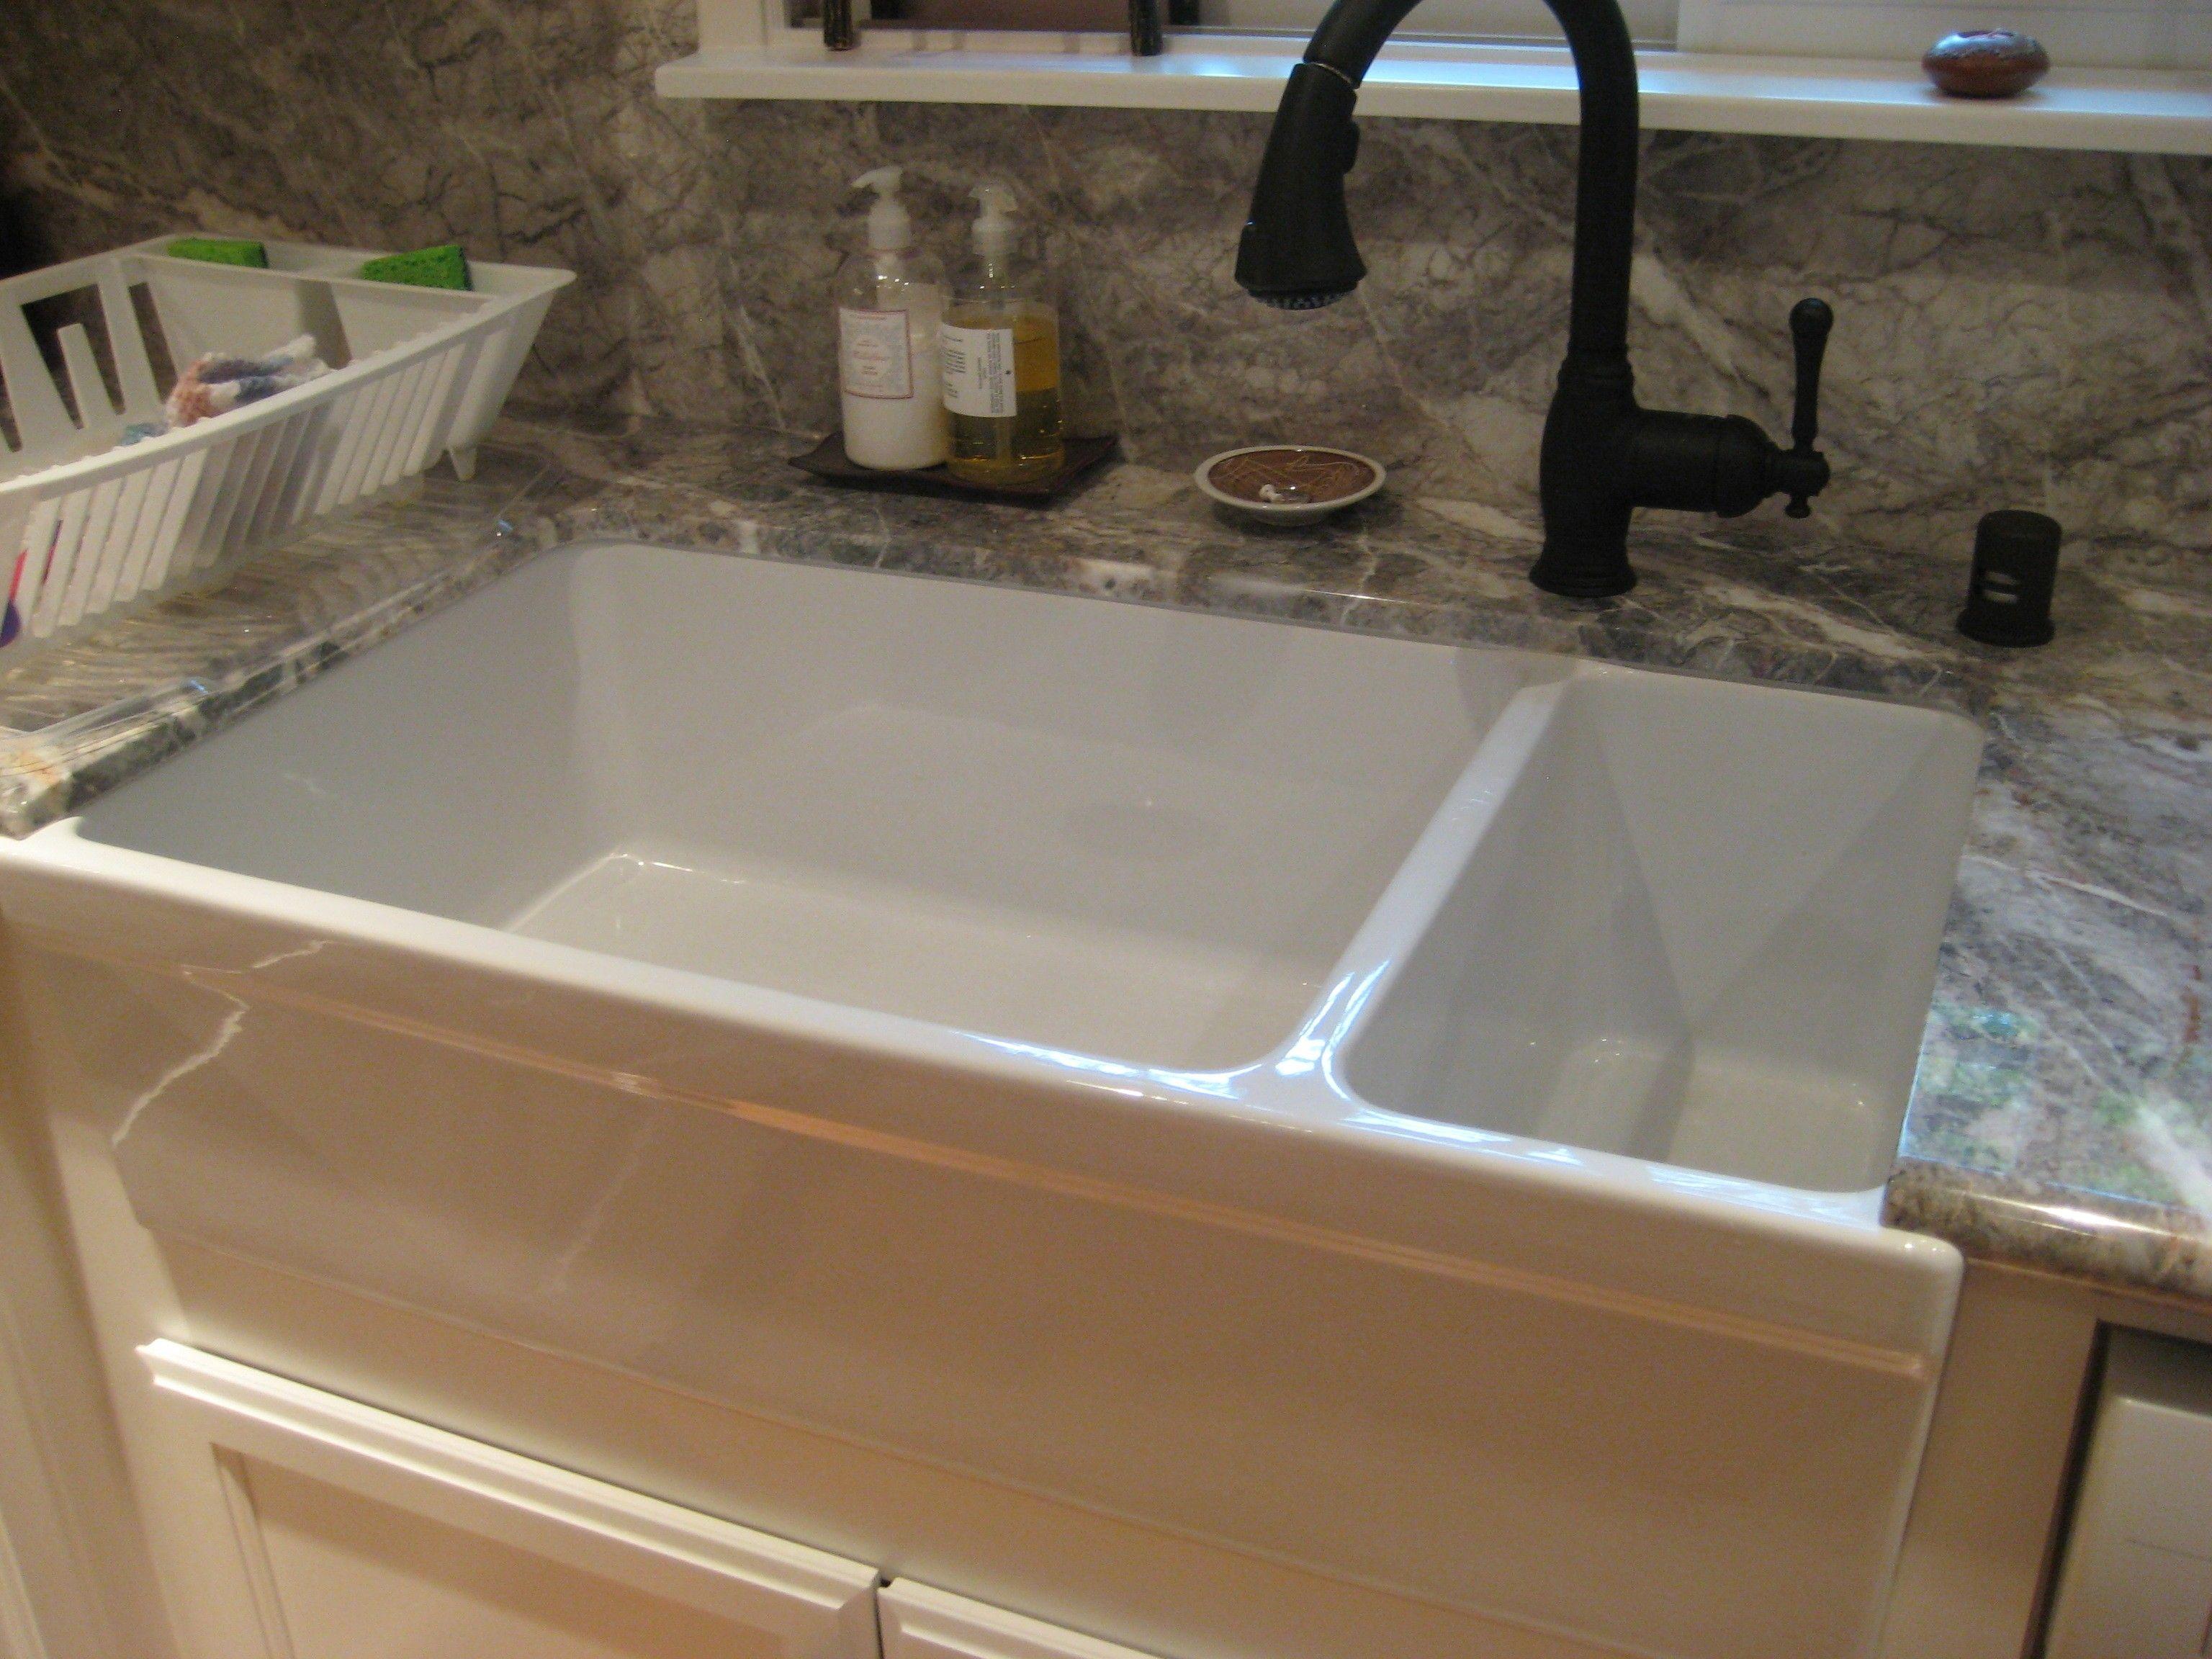 Ss Waschbecken Küche Insel Mit Waschbecken Sektion Eck Unterschrank Für  Spüle, Eck Spüle Küche #